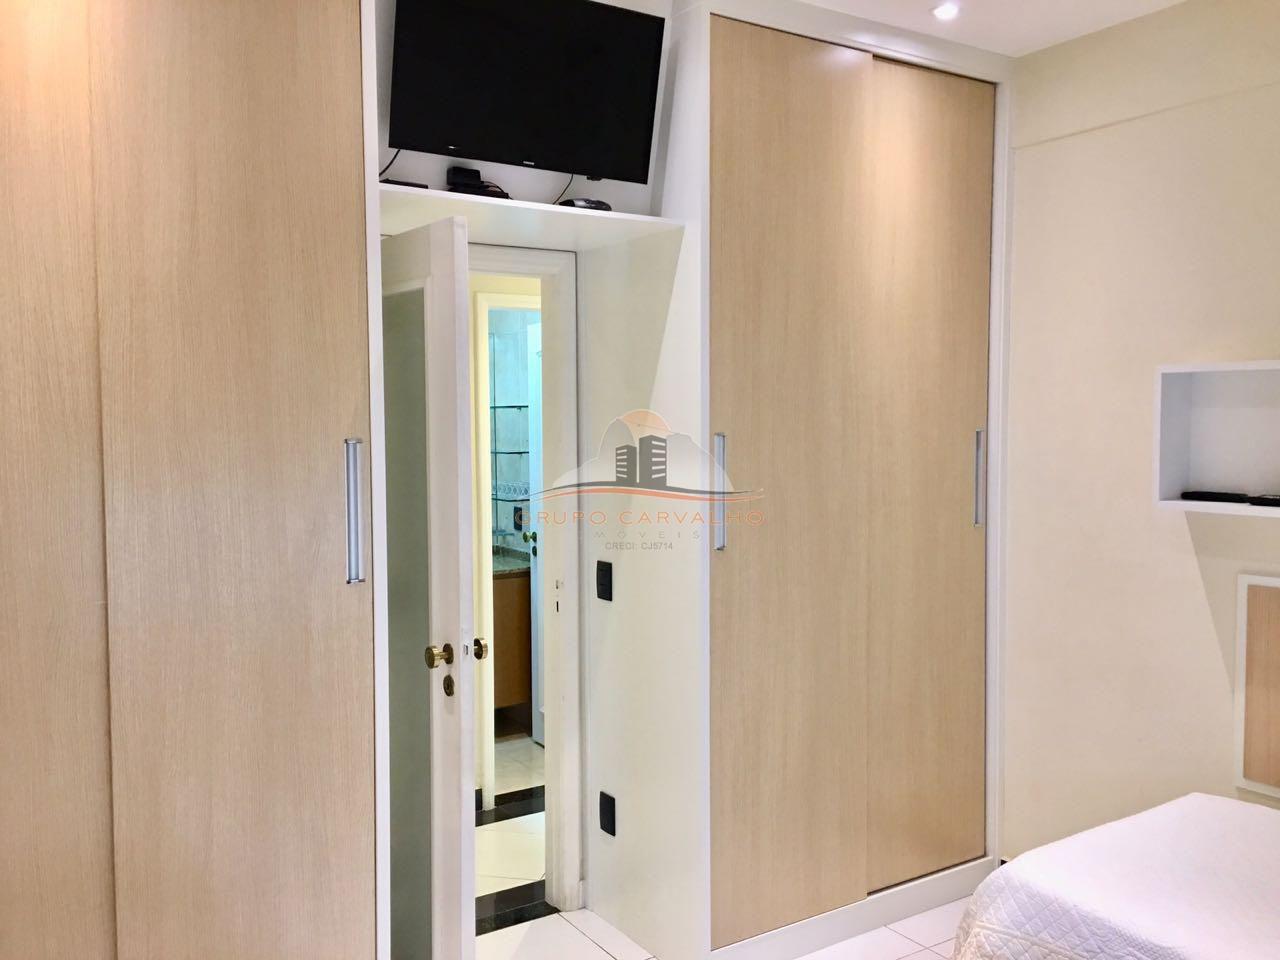 Apartamento à venda Rua Visconde de Pirajá,Rio de Janeiro,RJ - R$ 1.680.000 - CJI3874 - 9